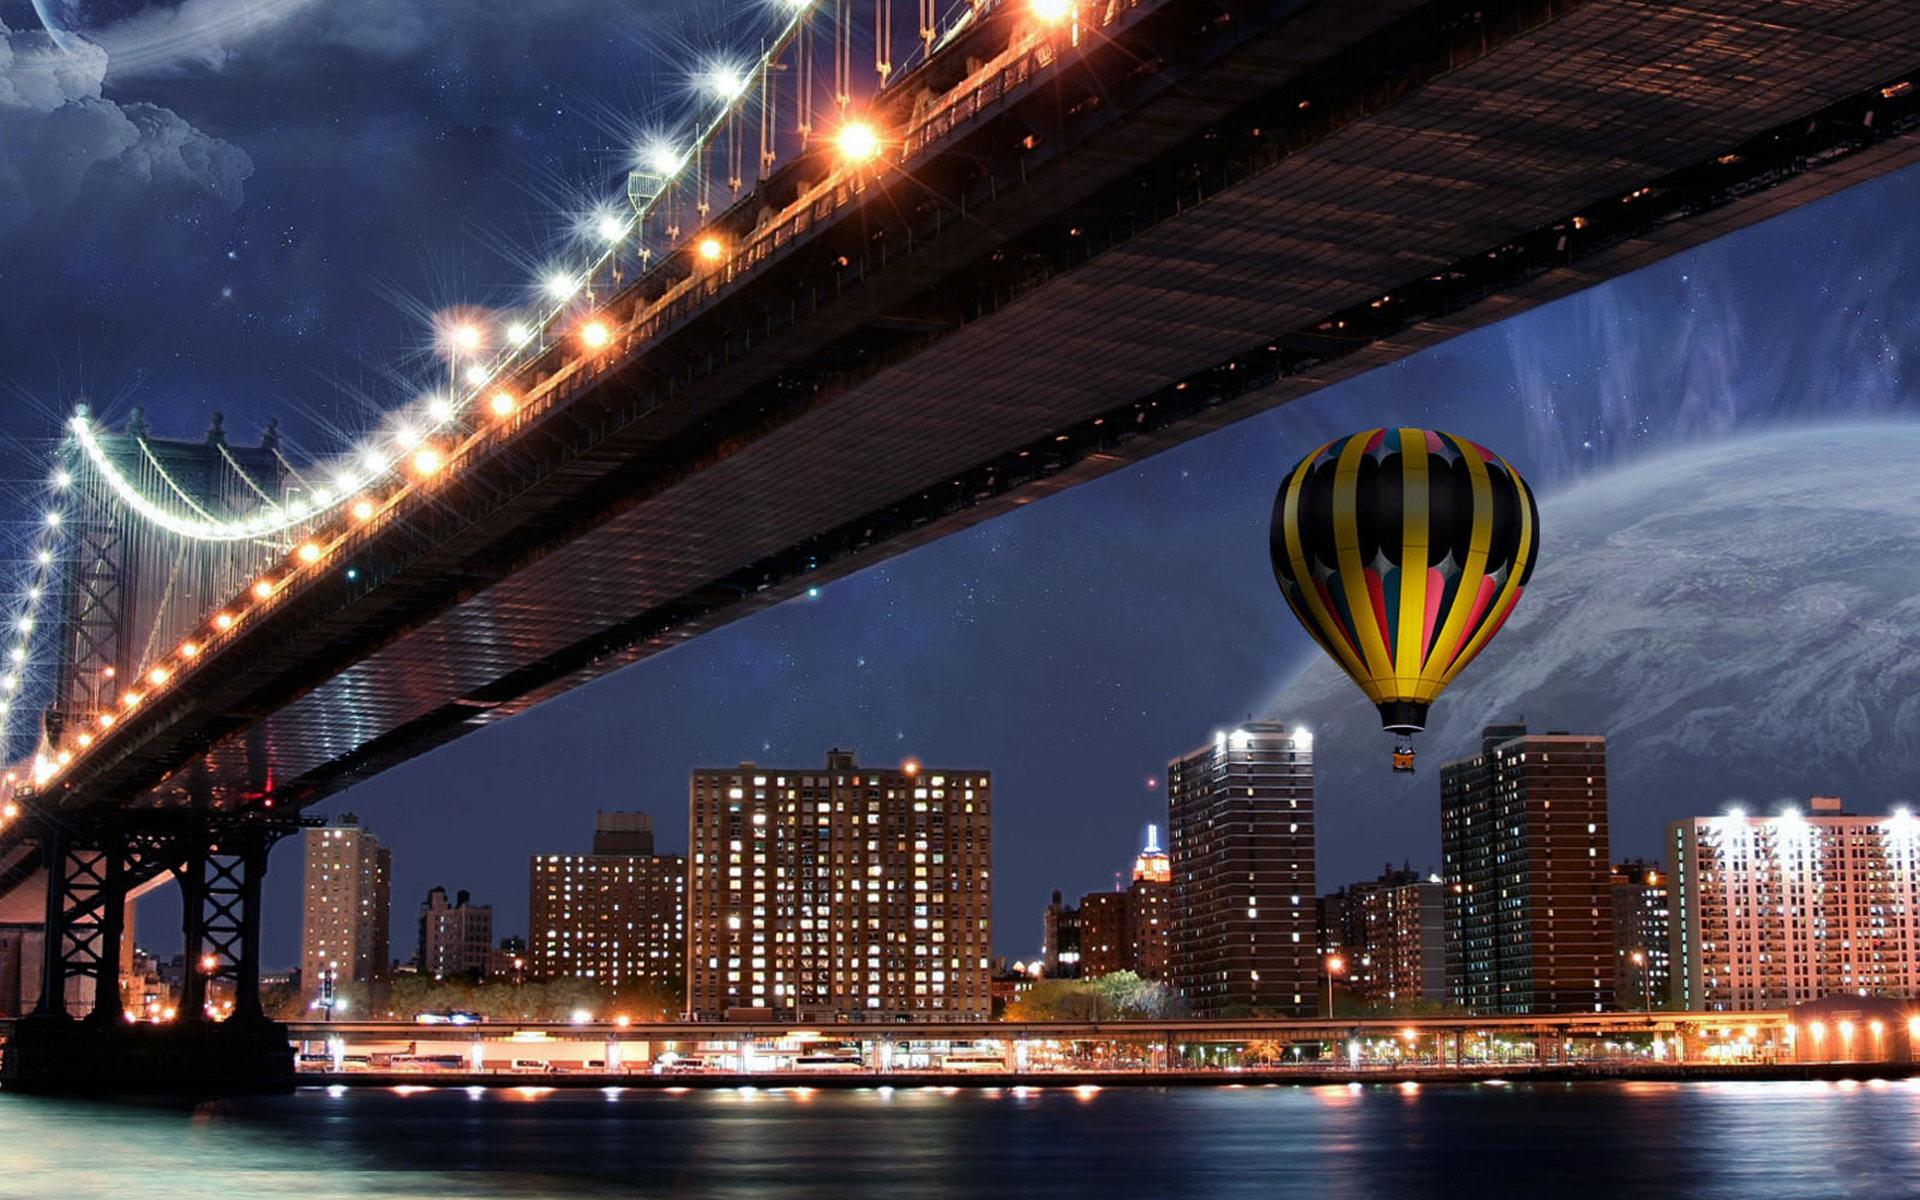 огни мост город ночь без смс